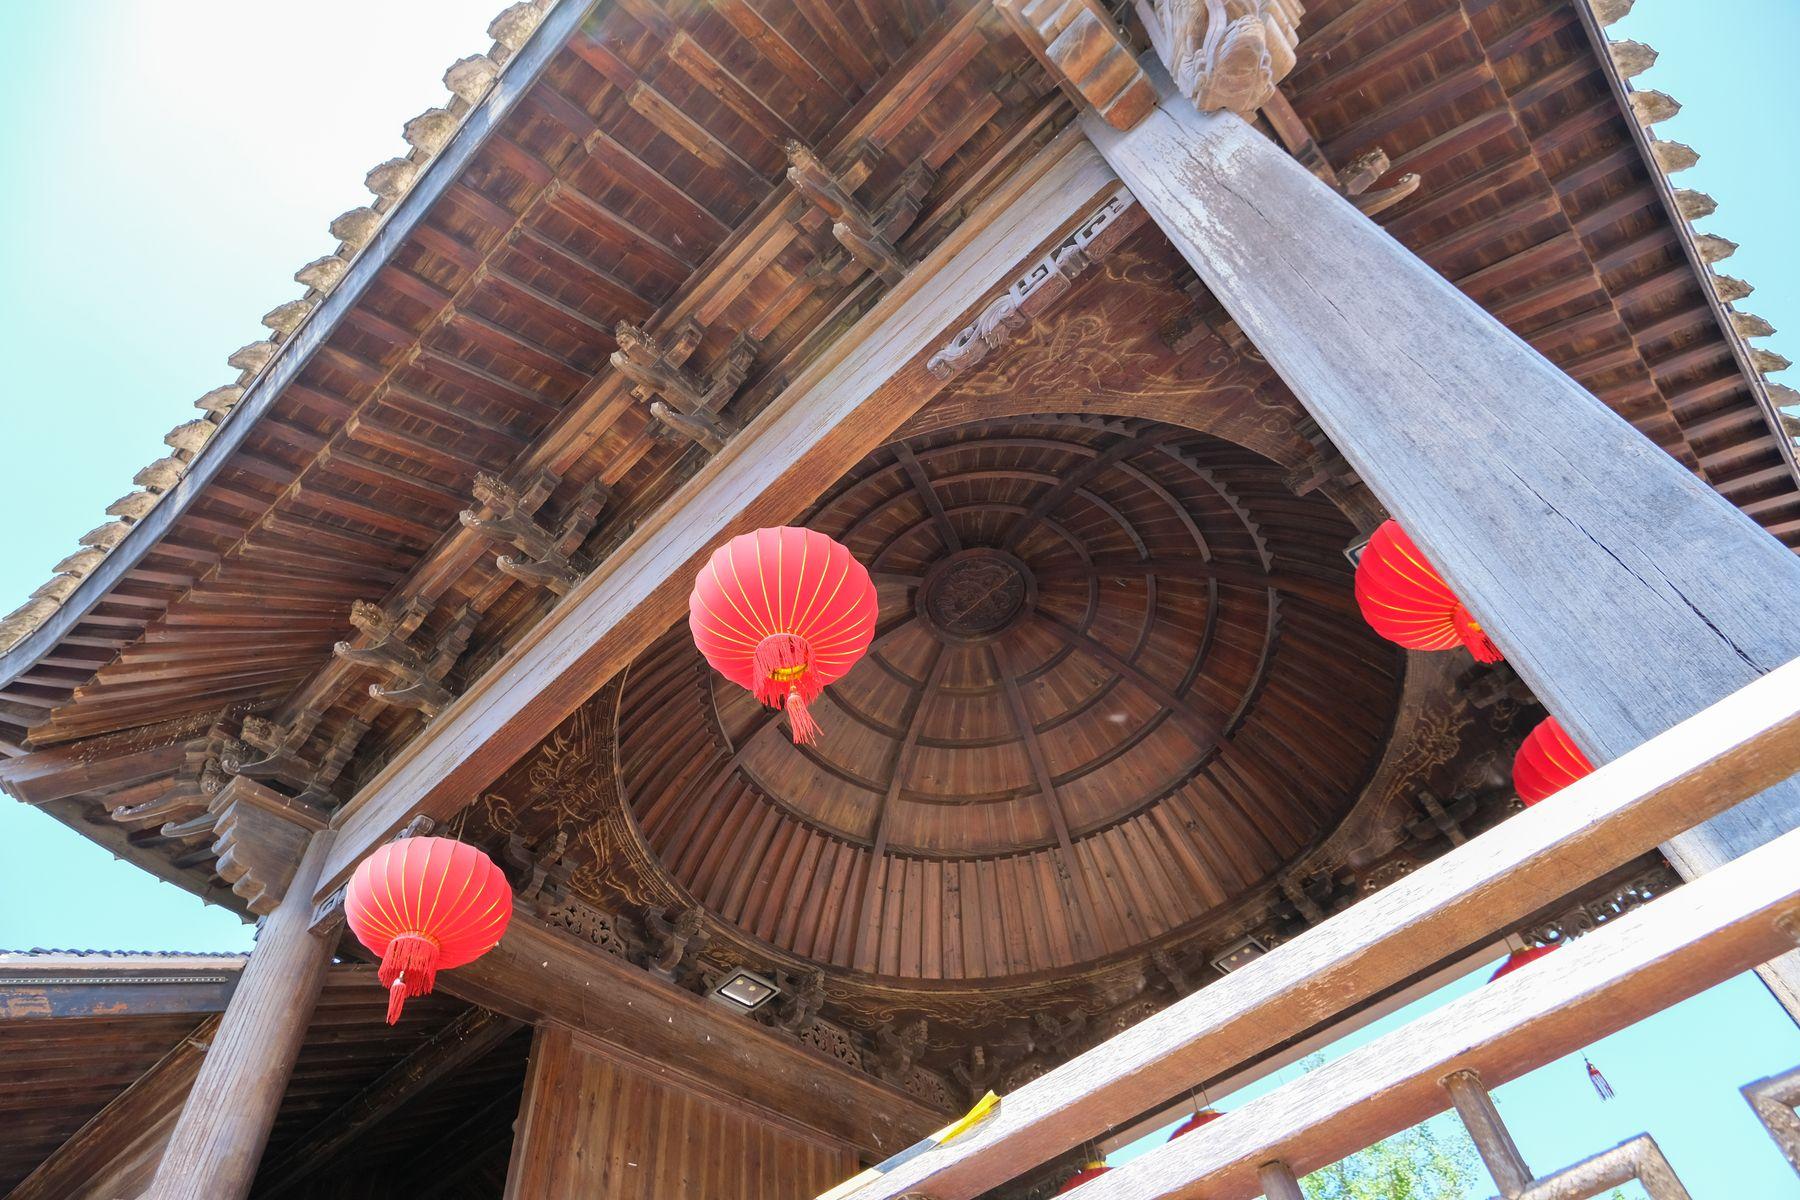 晚清戏台木建筑、红灯笼PS照片素材(免费商用照片下载,6240X4160 像素)